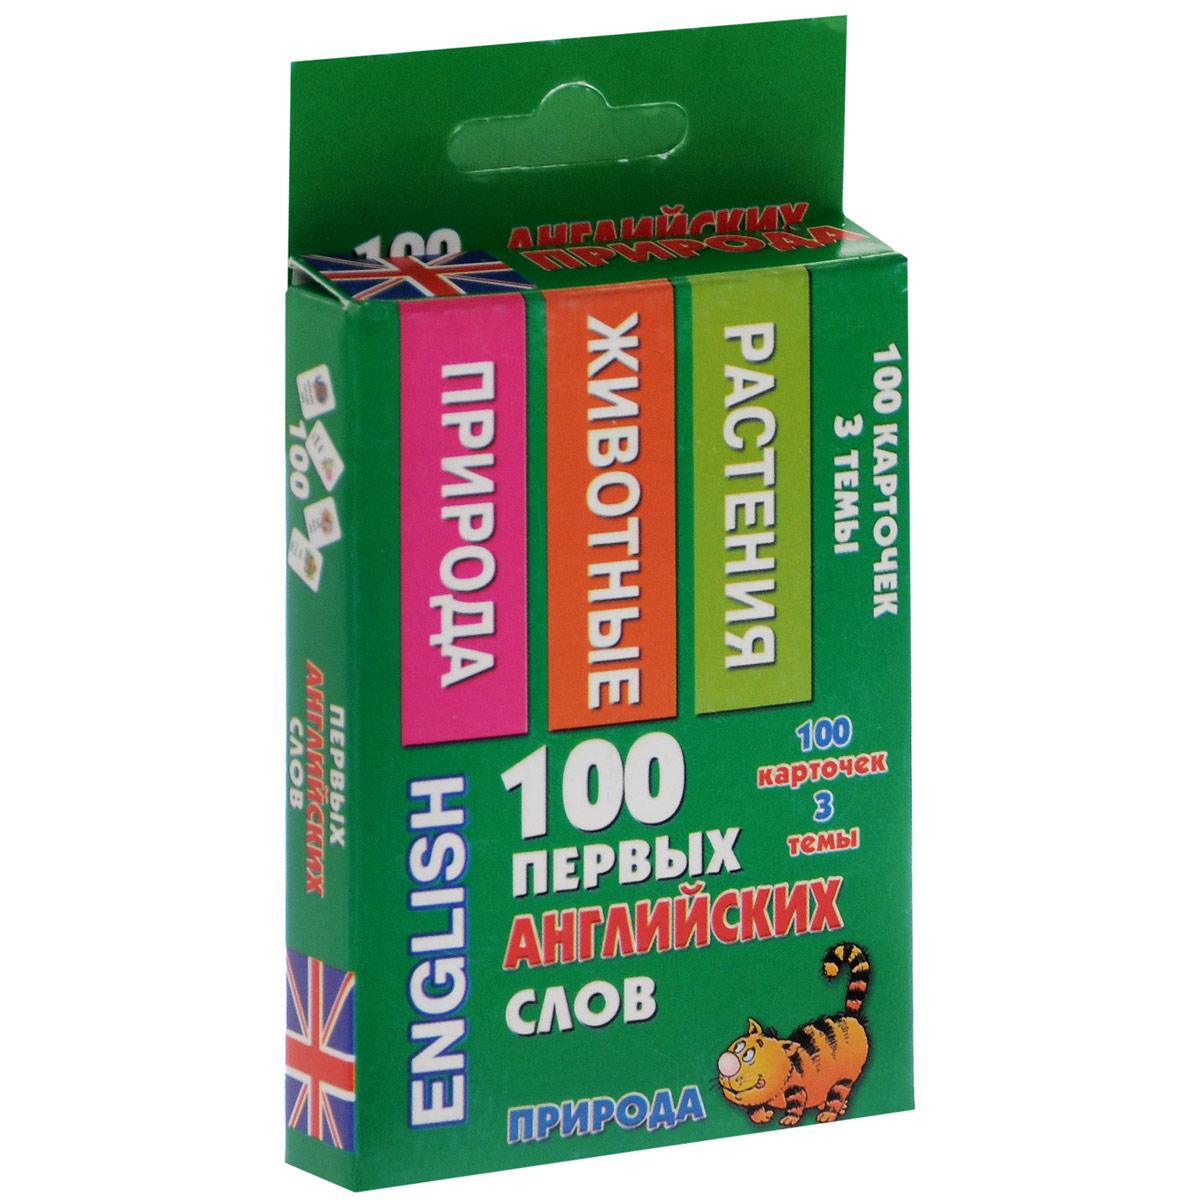 Фото - 100 первых английских слов. Природа (набор из 100 карточек) григорьева а и 100 первых английских слов природа набор карточек